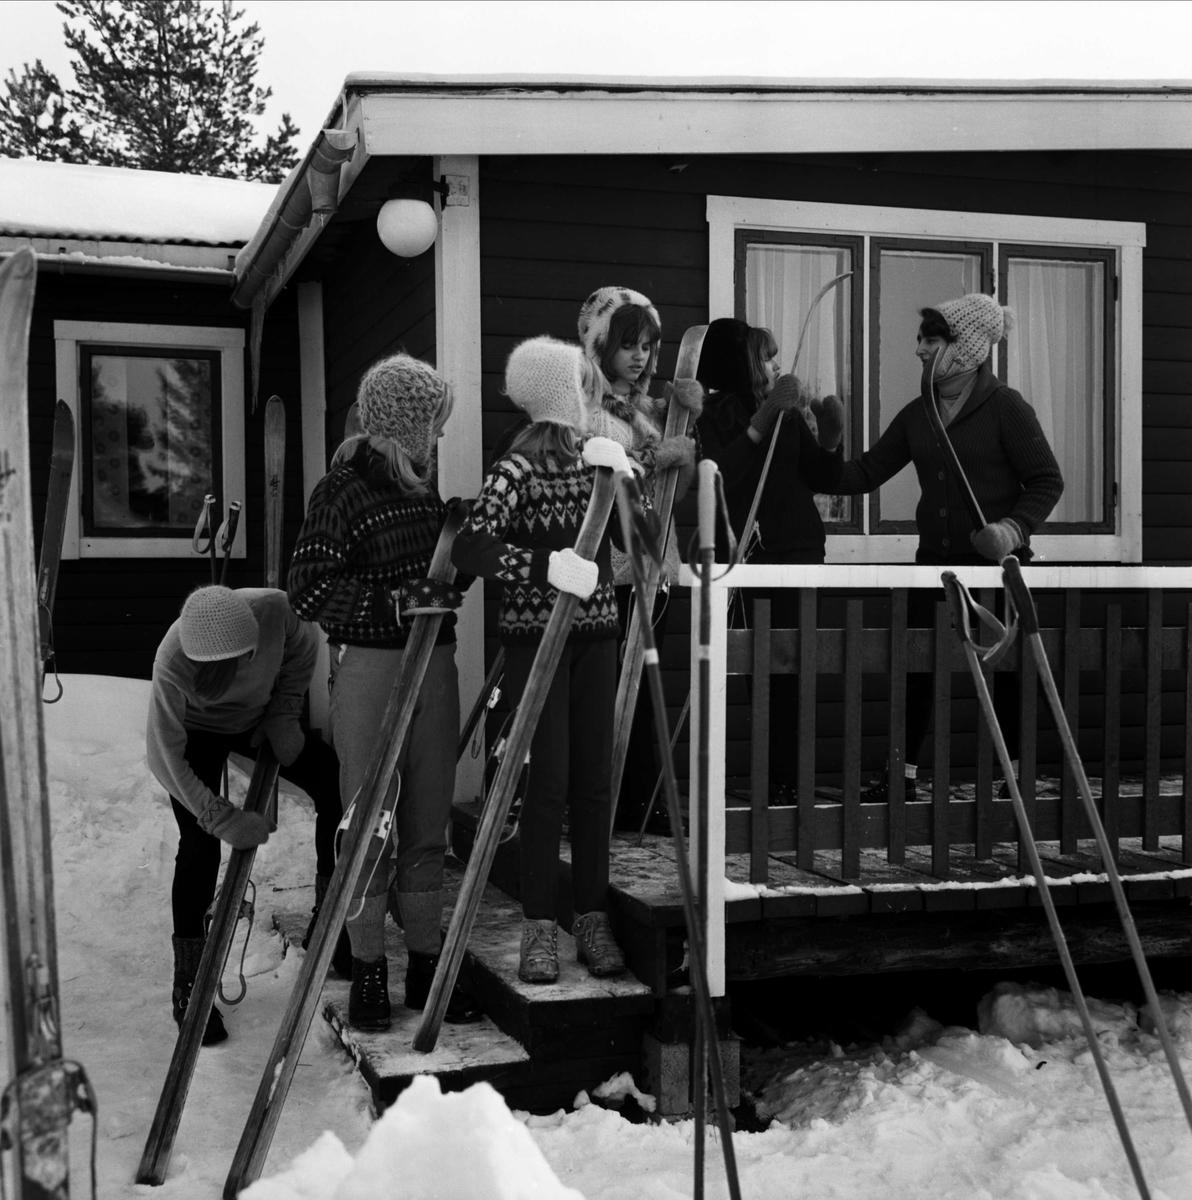 Flickor från Frälsningsarméns Scoutförbund i Tierp tillbringar några dagar av sportlovet i scoutstugan i Gillberga